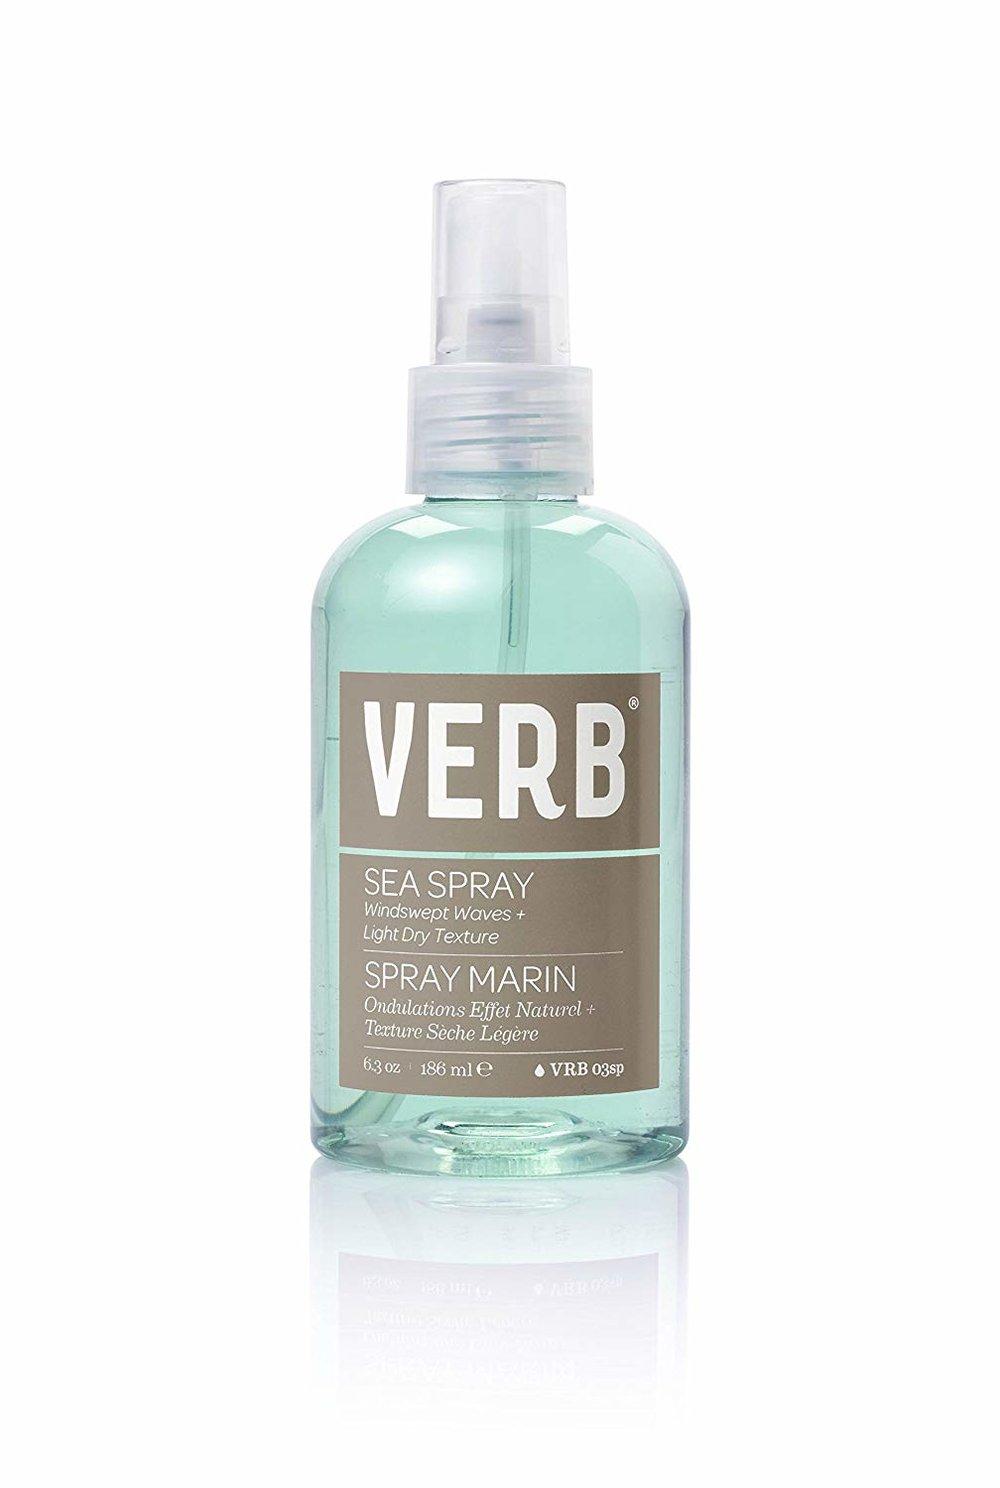 Verb  Sea Spray, 6.3 oz. $16.00